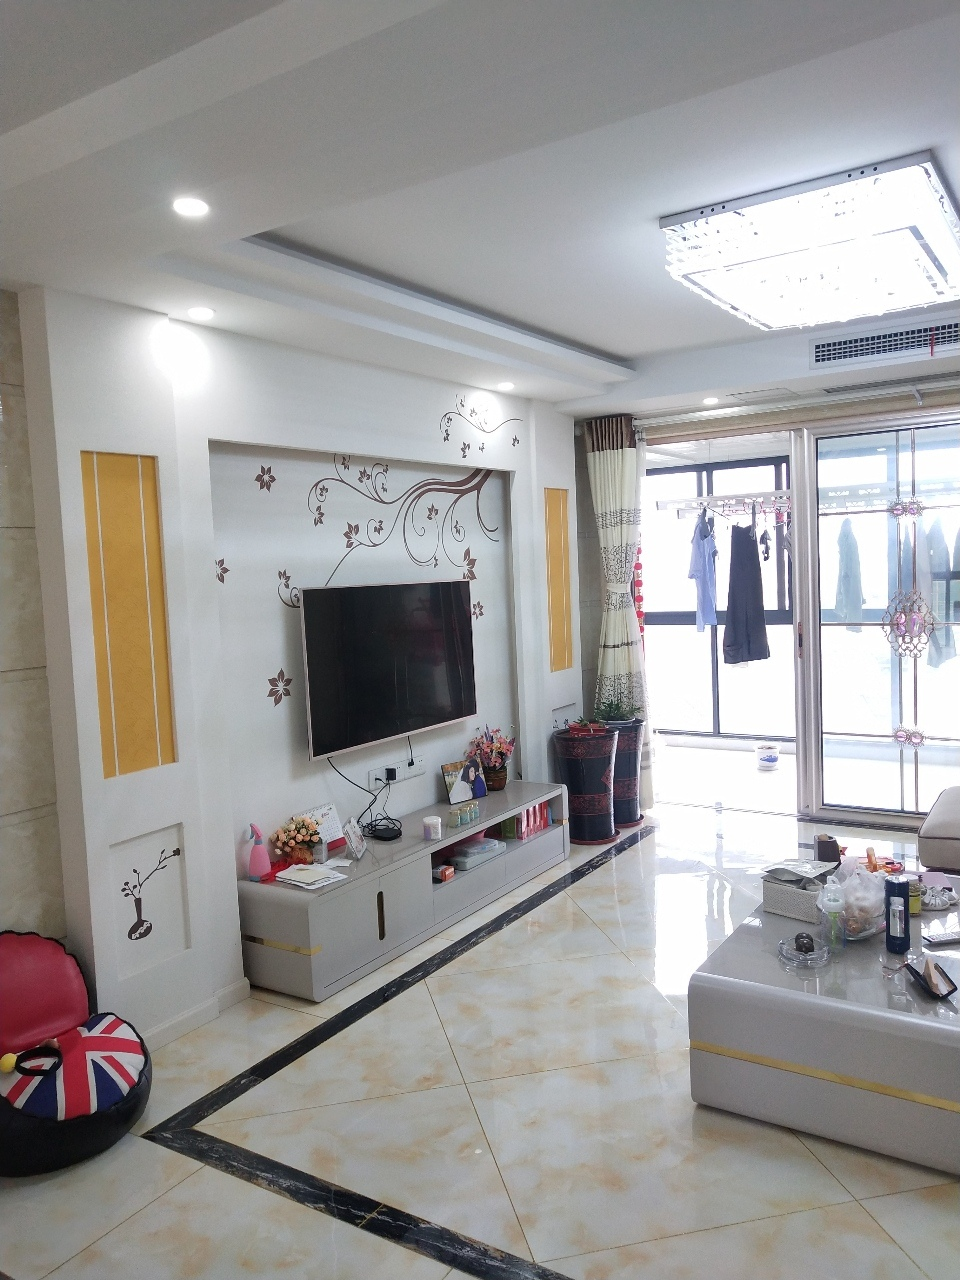 明珠花园(宜禾路)3室 2厅 2卫135万元